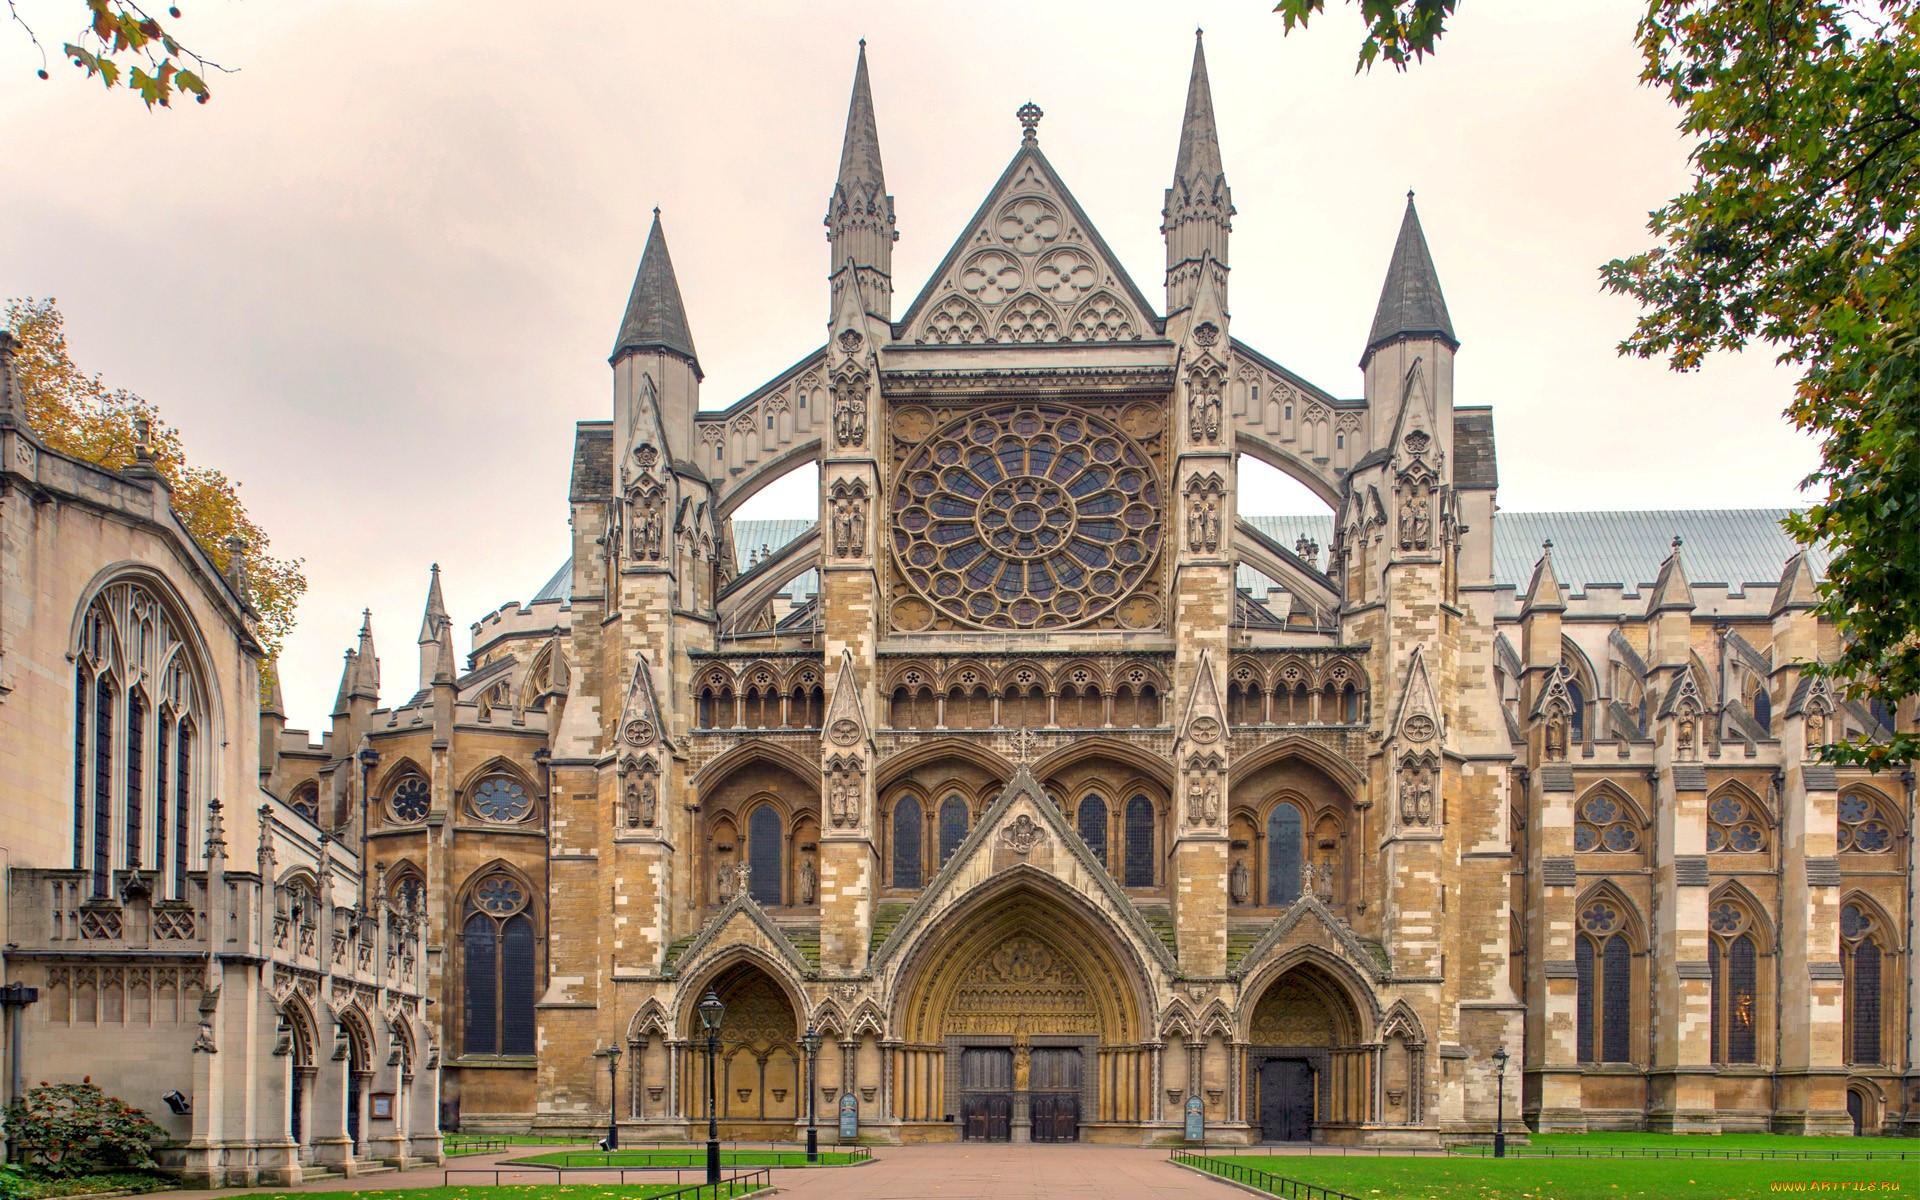 Фото лондонской архитектуры